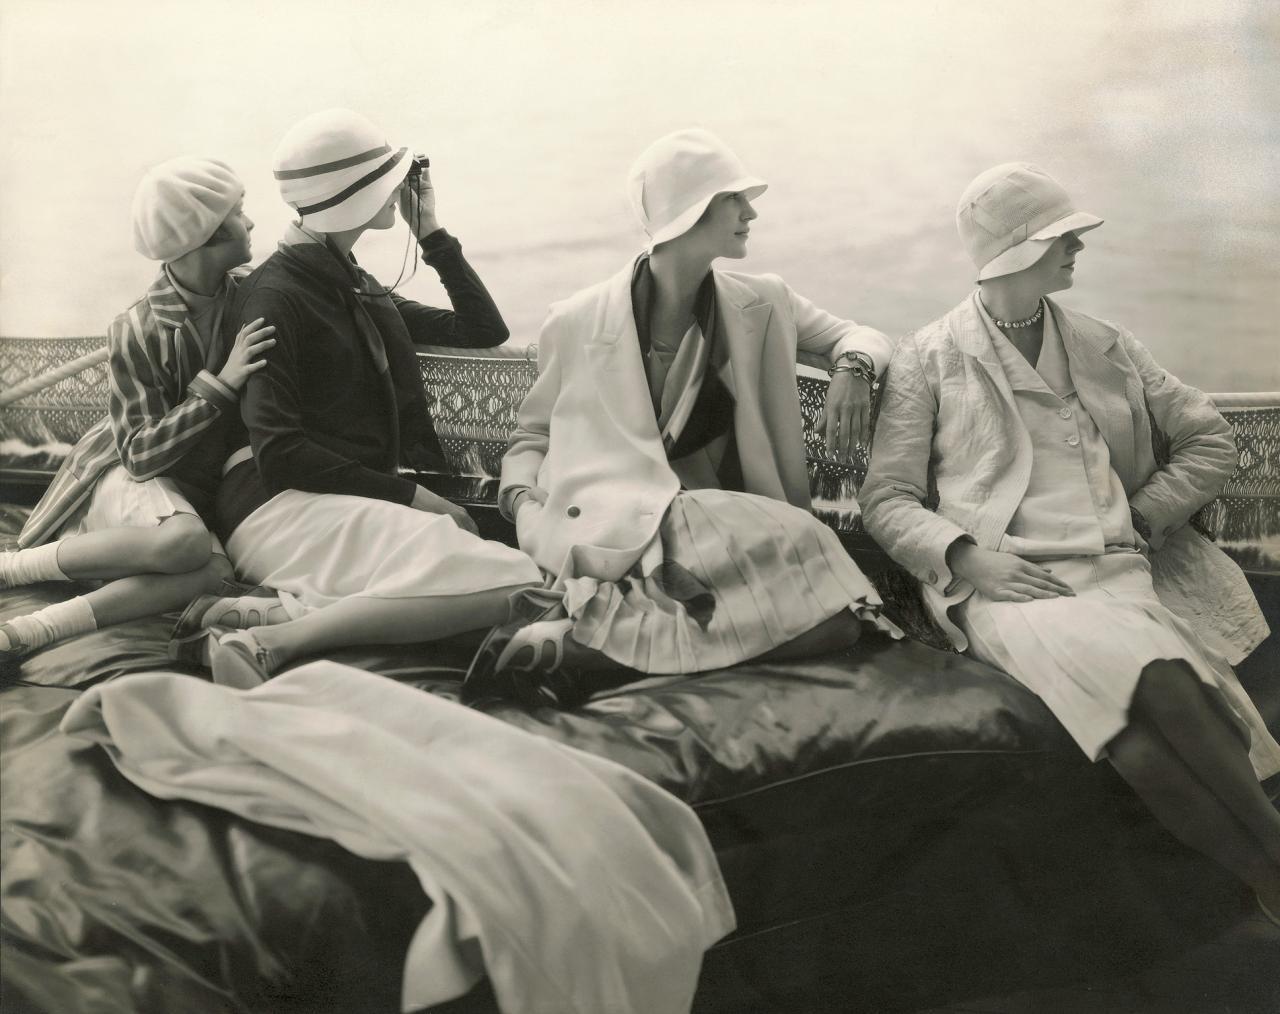 Women's leisure wear in the 30s, photograph by Edward Steichen